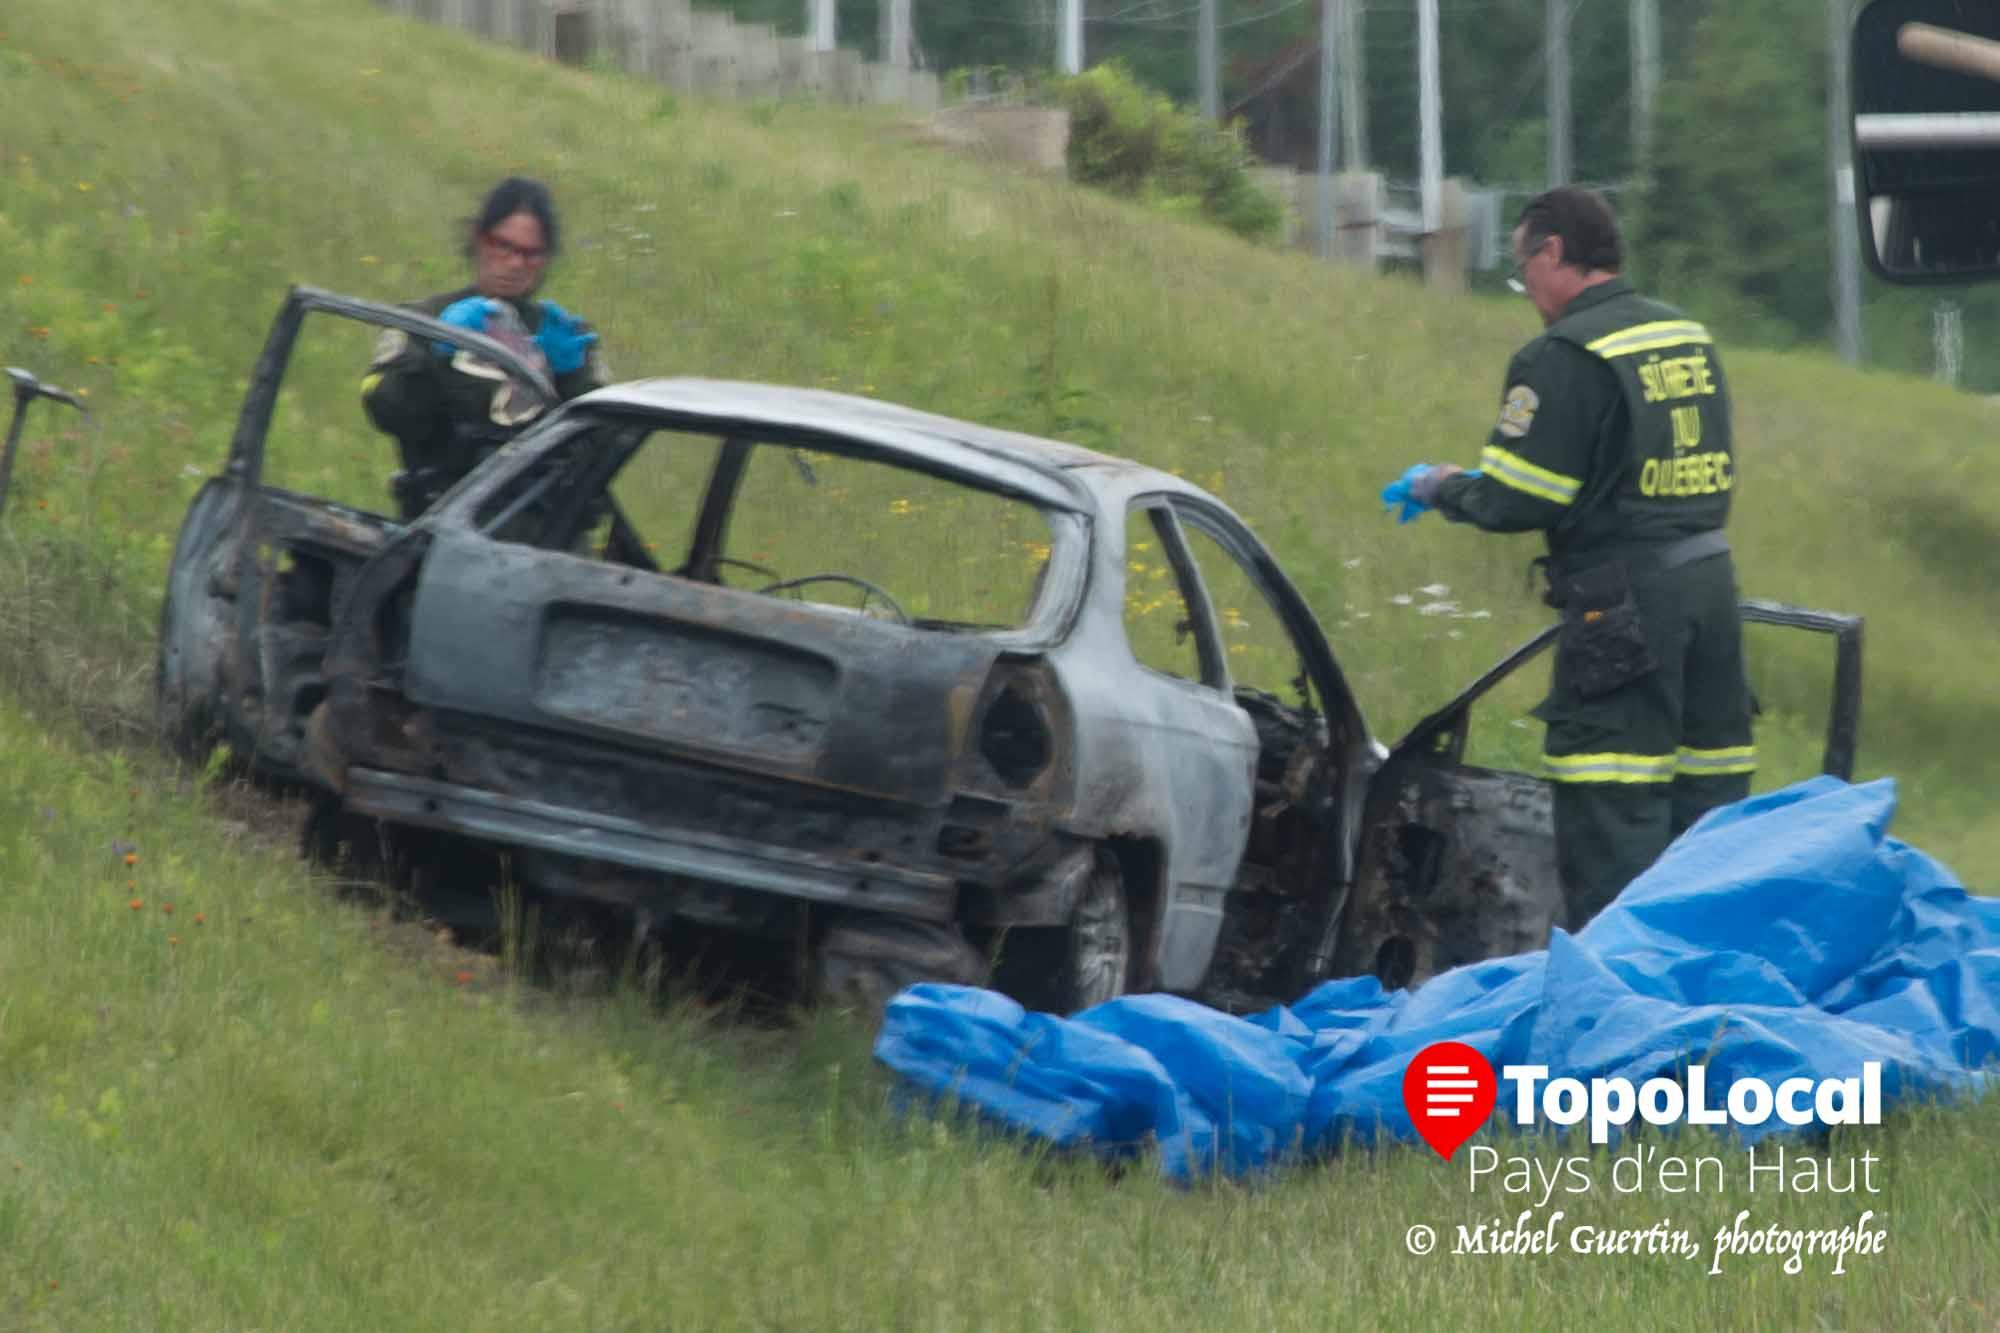 20160623-sainte-agathe-accident-autoroute-morts-incendie-4